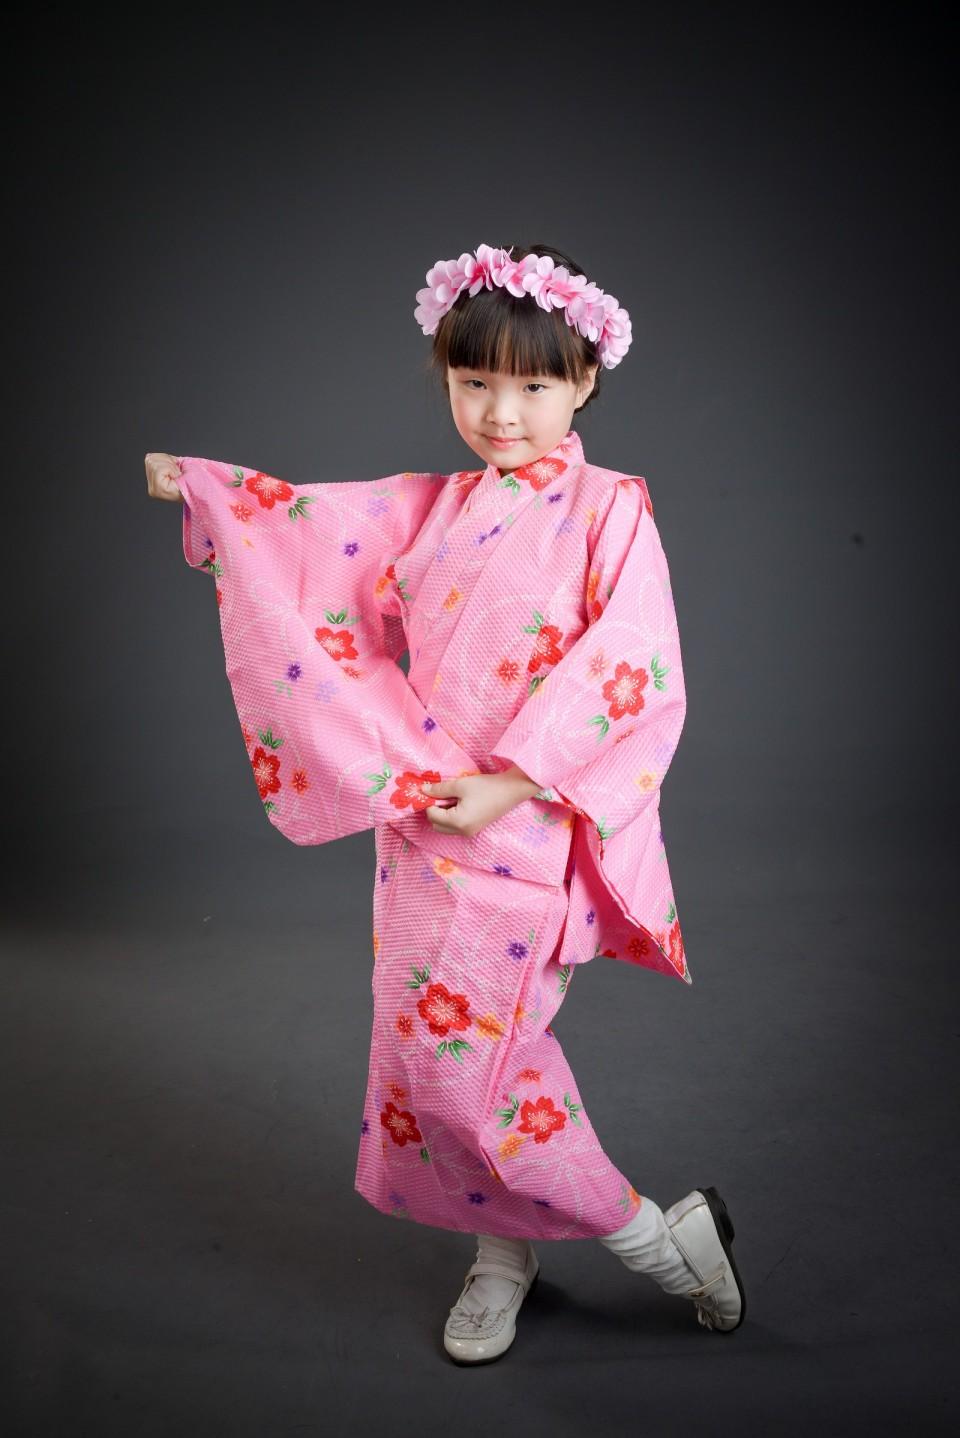 兒童寫真,兒童攝影,婚紗攝影師,自助婚紗,bb30